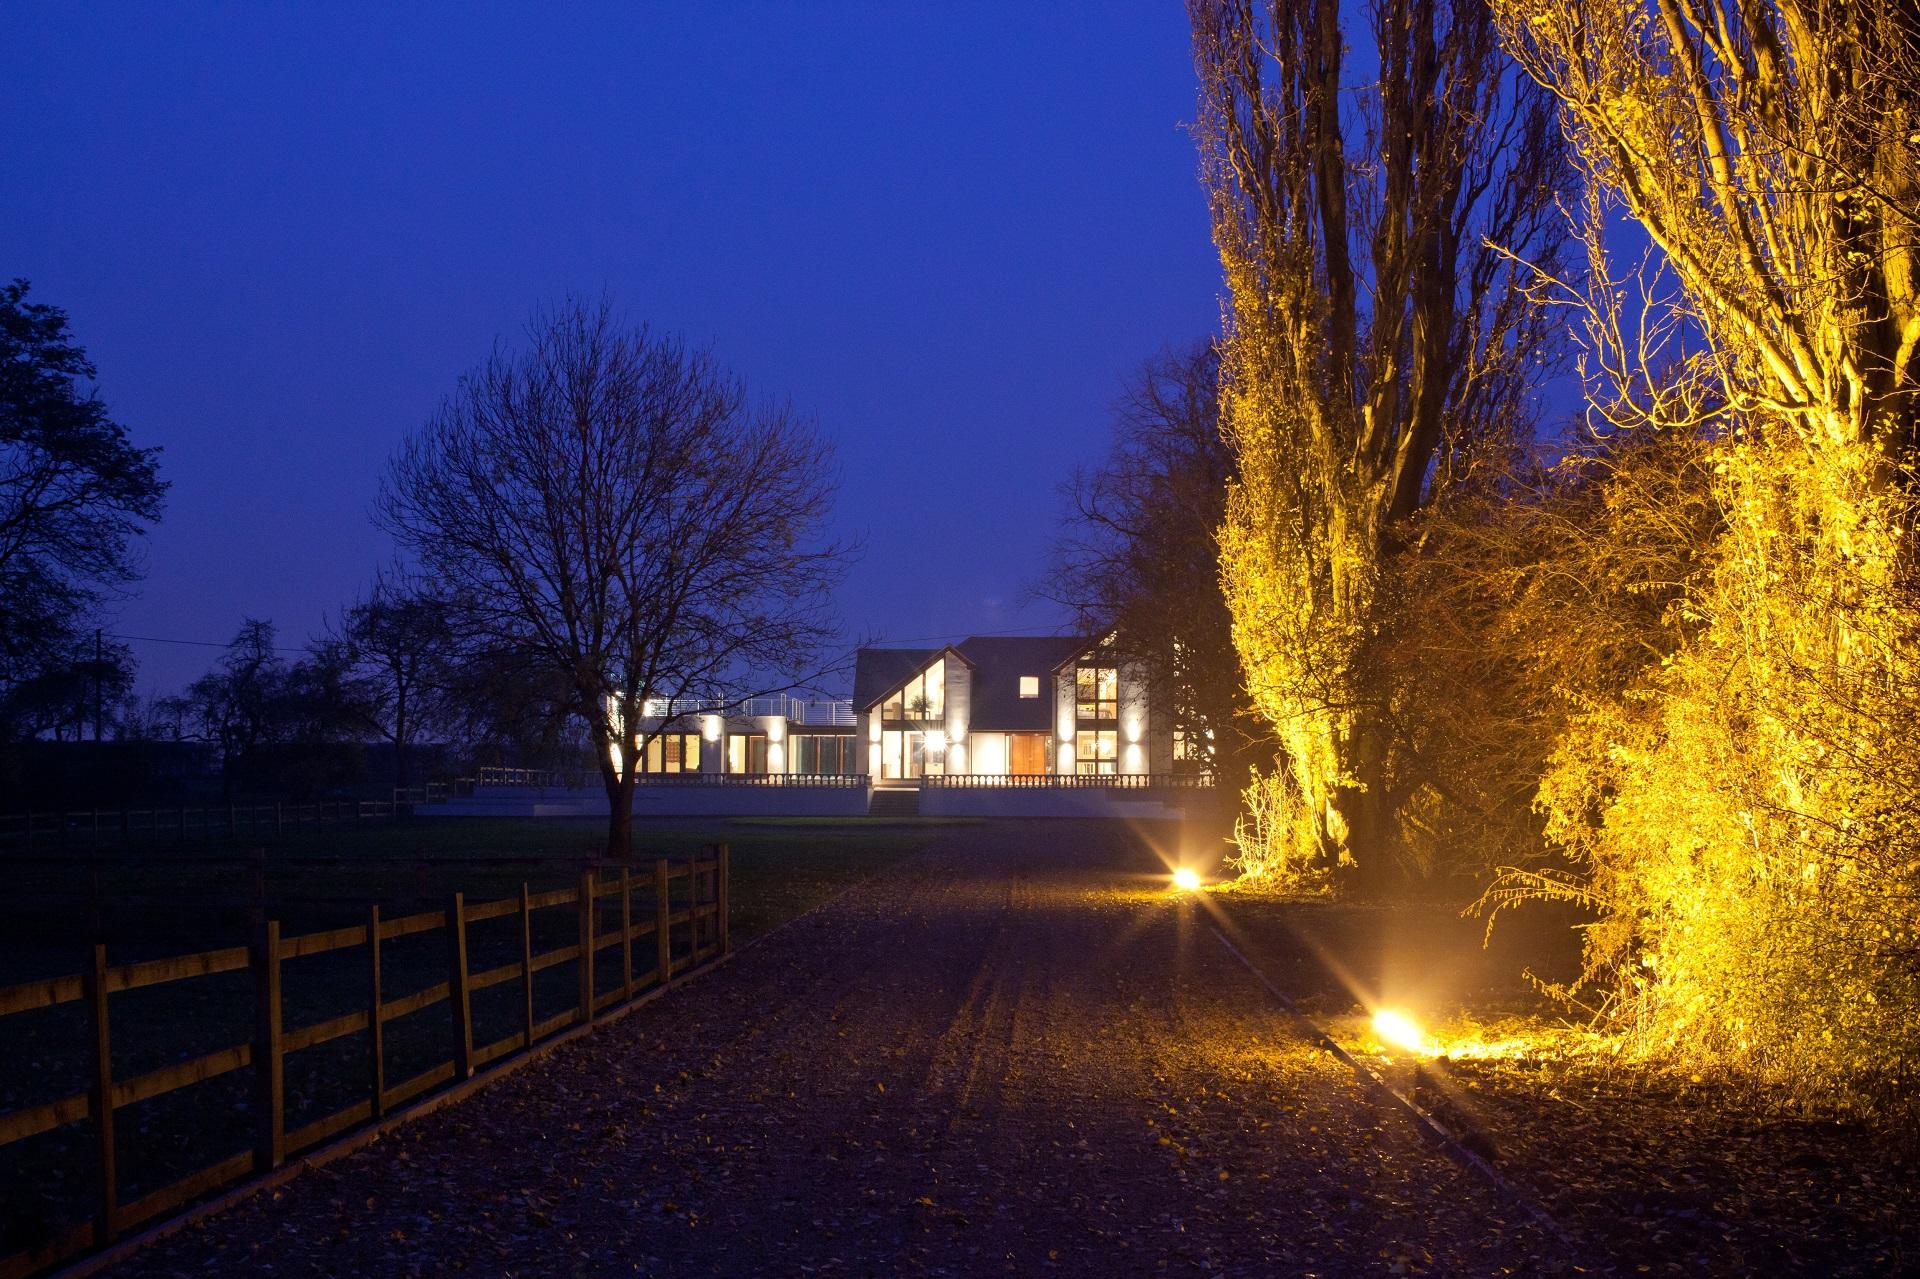 luxury home nottingham, guy phoenix fern hill